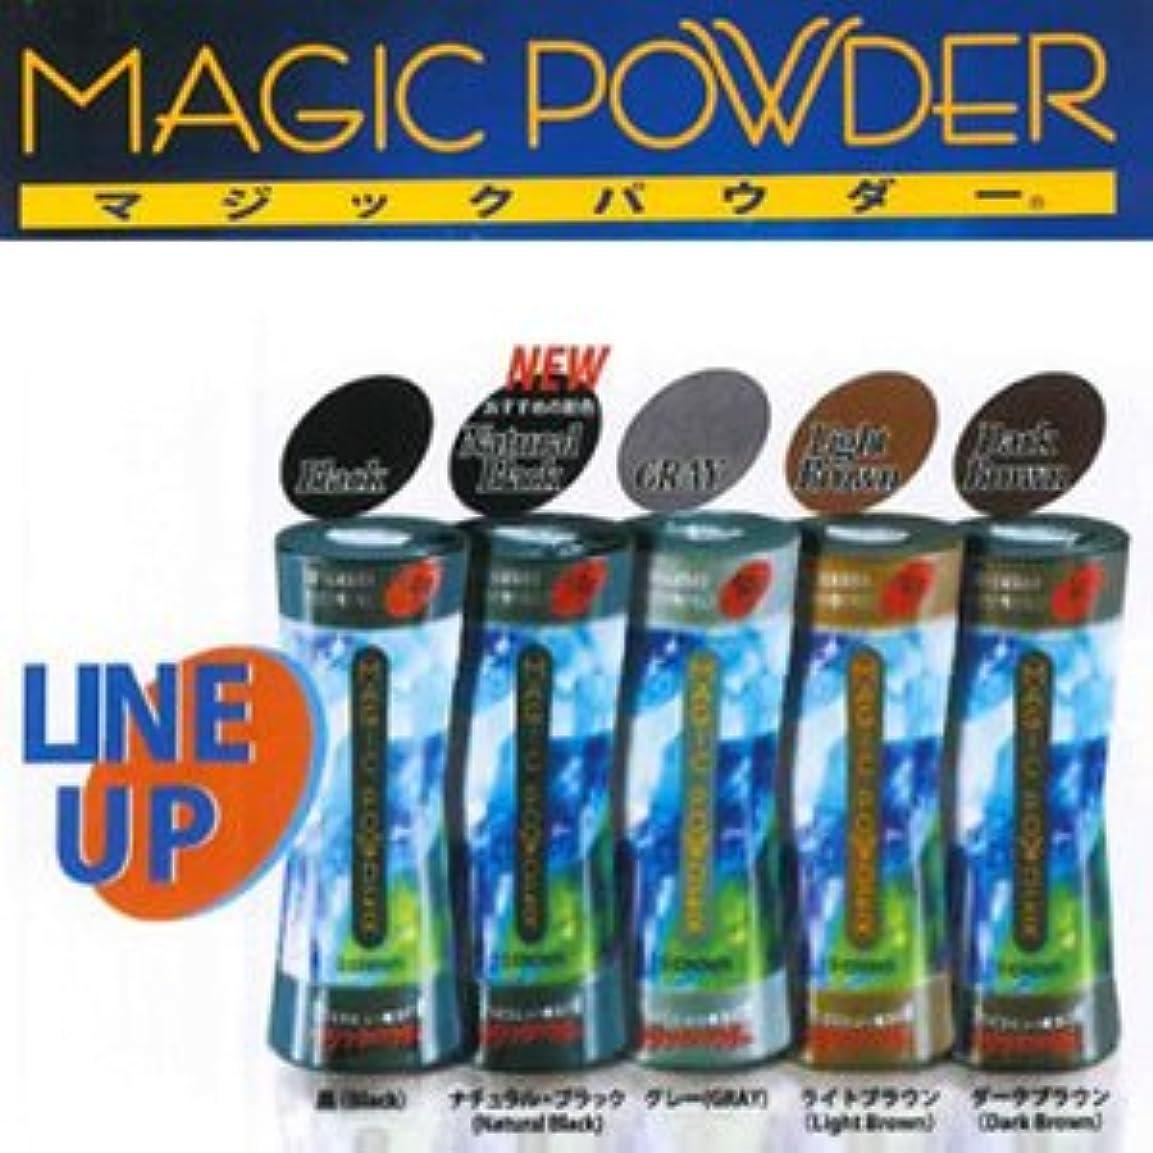 責任メンターシャットMAGIC POWDER マジックパウダー ダークブラウン 50g  2個セット ※貴方の髪を簡単ボリュームアップ!